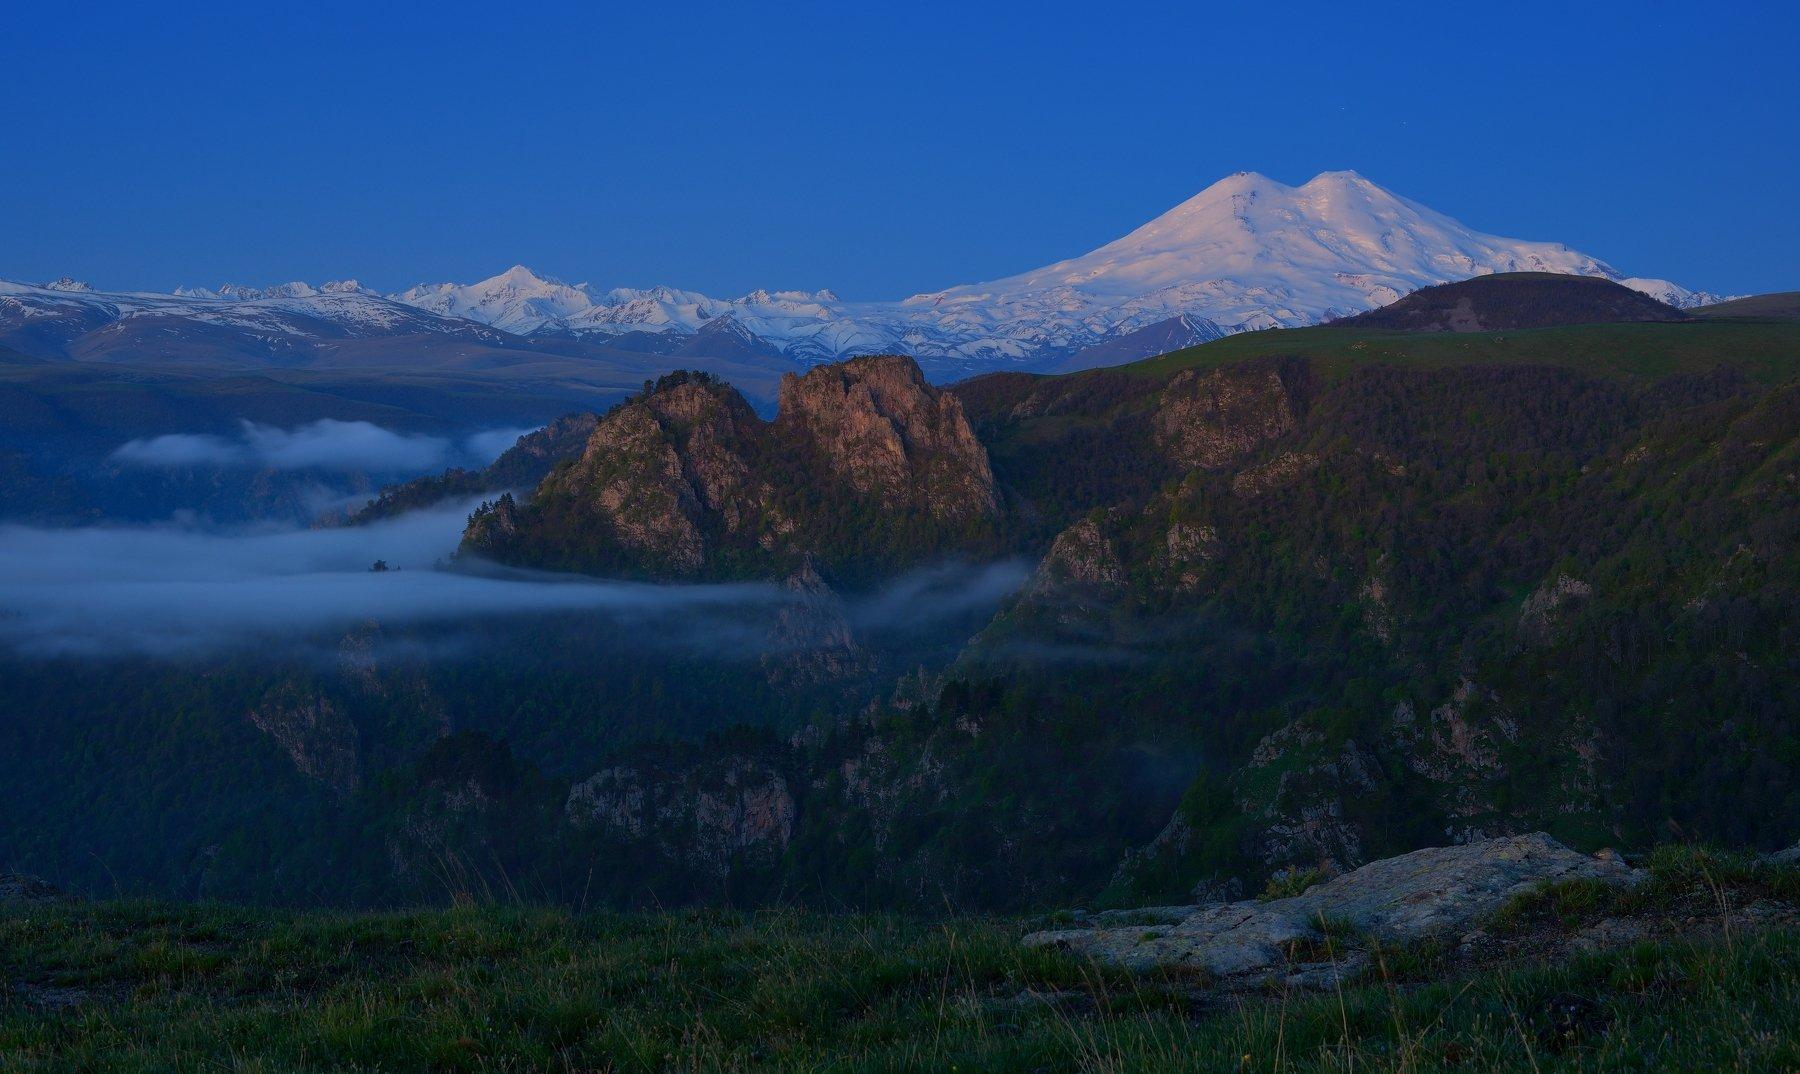 горы лето рассвет эльбрус, Александр Жарников